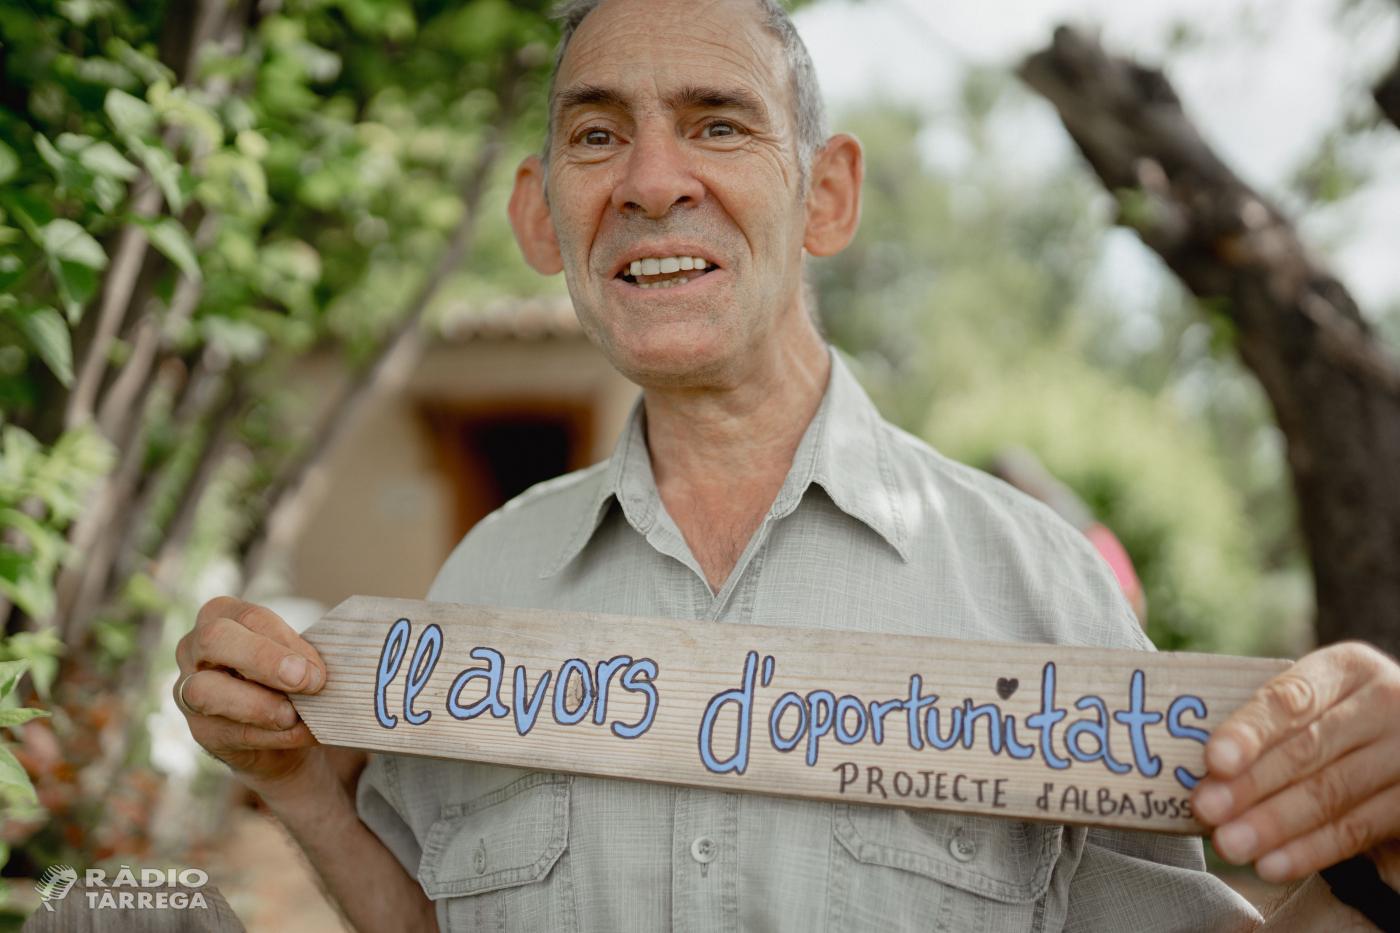 Alba Jussà inicia un crowdfunding per finançar un hivernacle pel seu projecte d'agricultura social Llavors d'Oportunitats